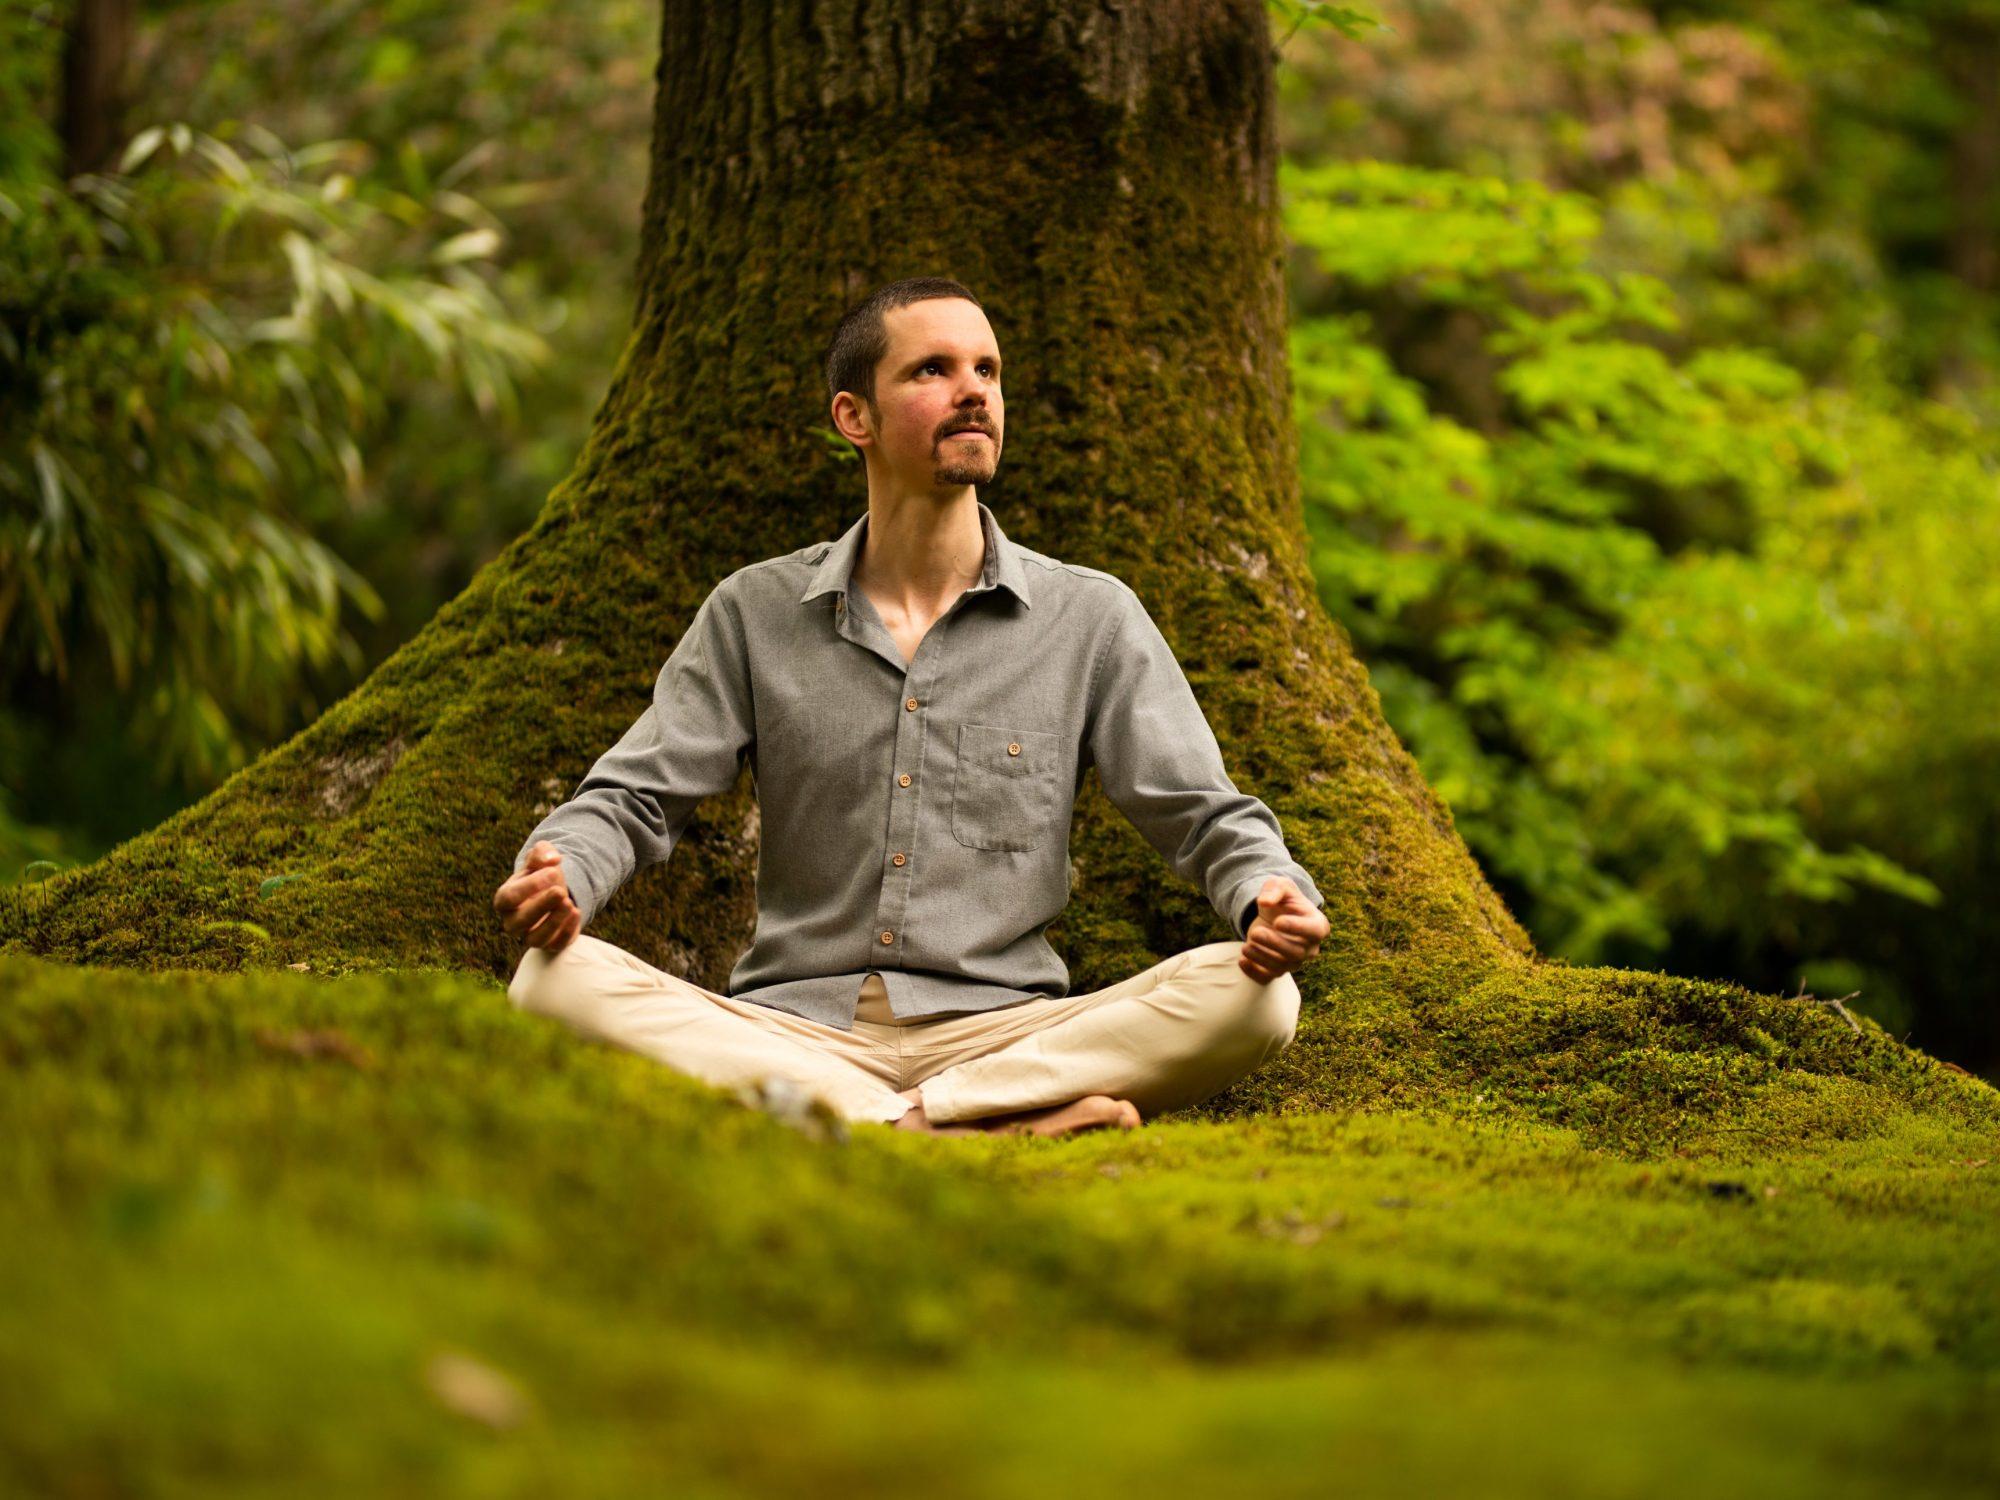 Trainer in meditatiehouding zittend voor een boom: Wat kan mindfulnesstraining je brengen?